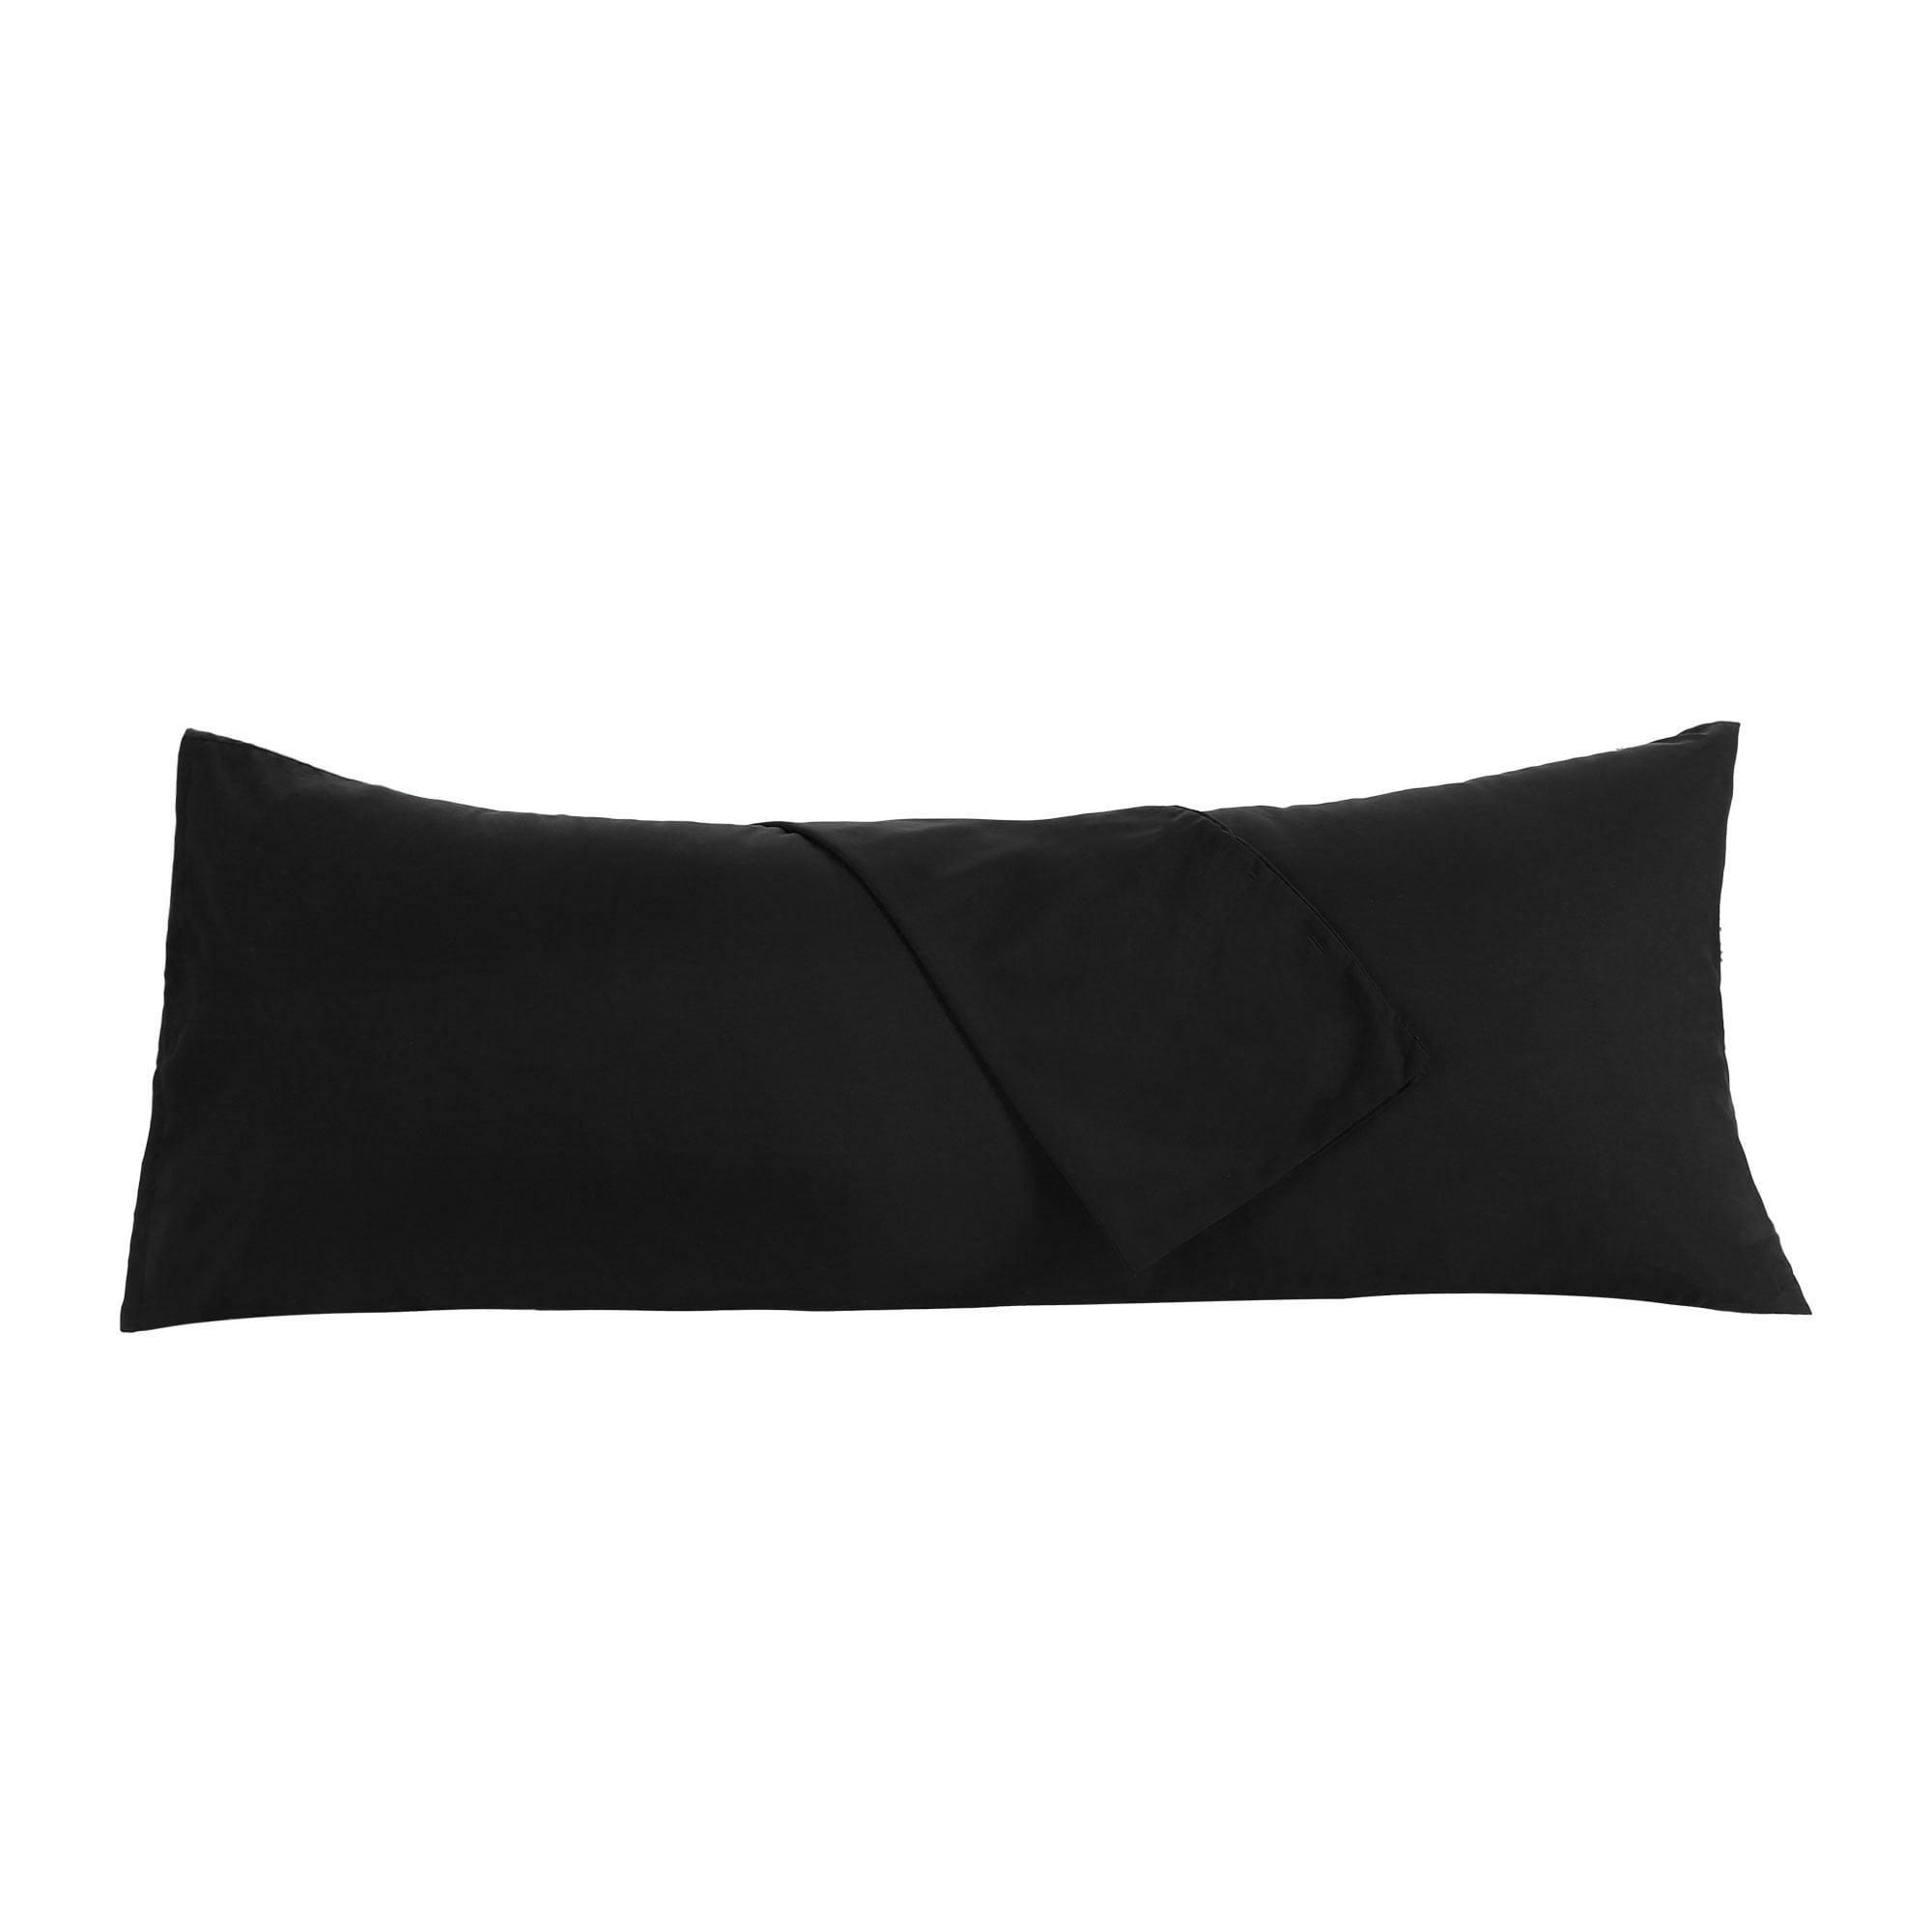 """Body Pillow Case Microfiber Long Bedding Covers for Body Pillows Black 20""""x60"""" - image 3 de 7"""